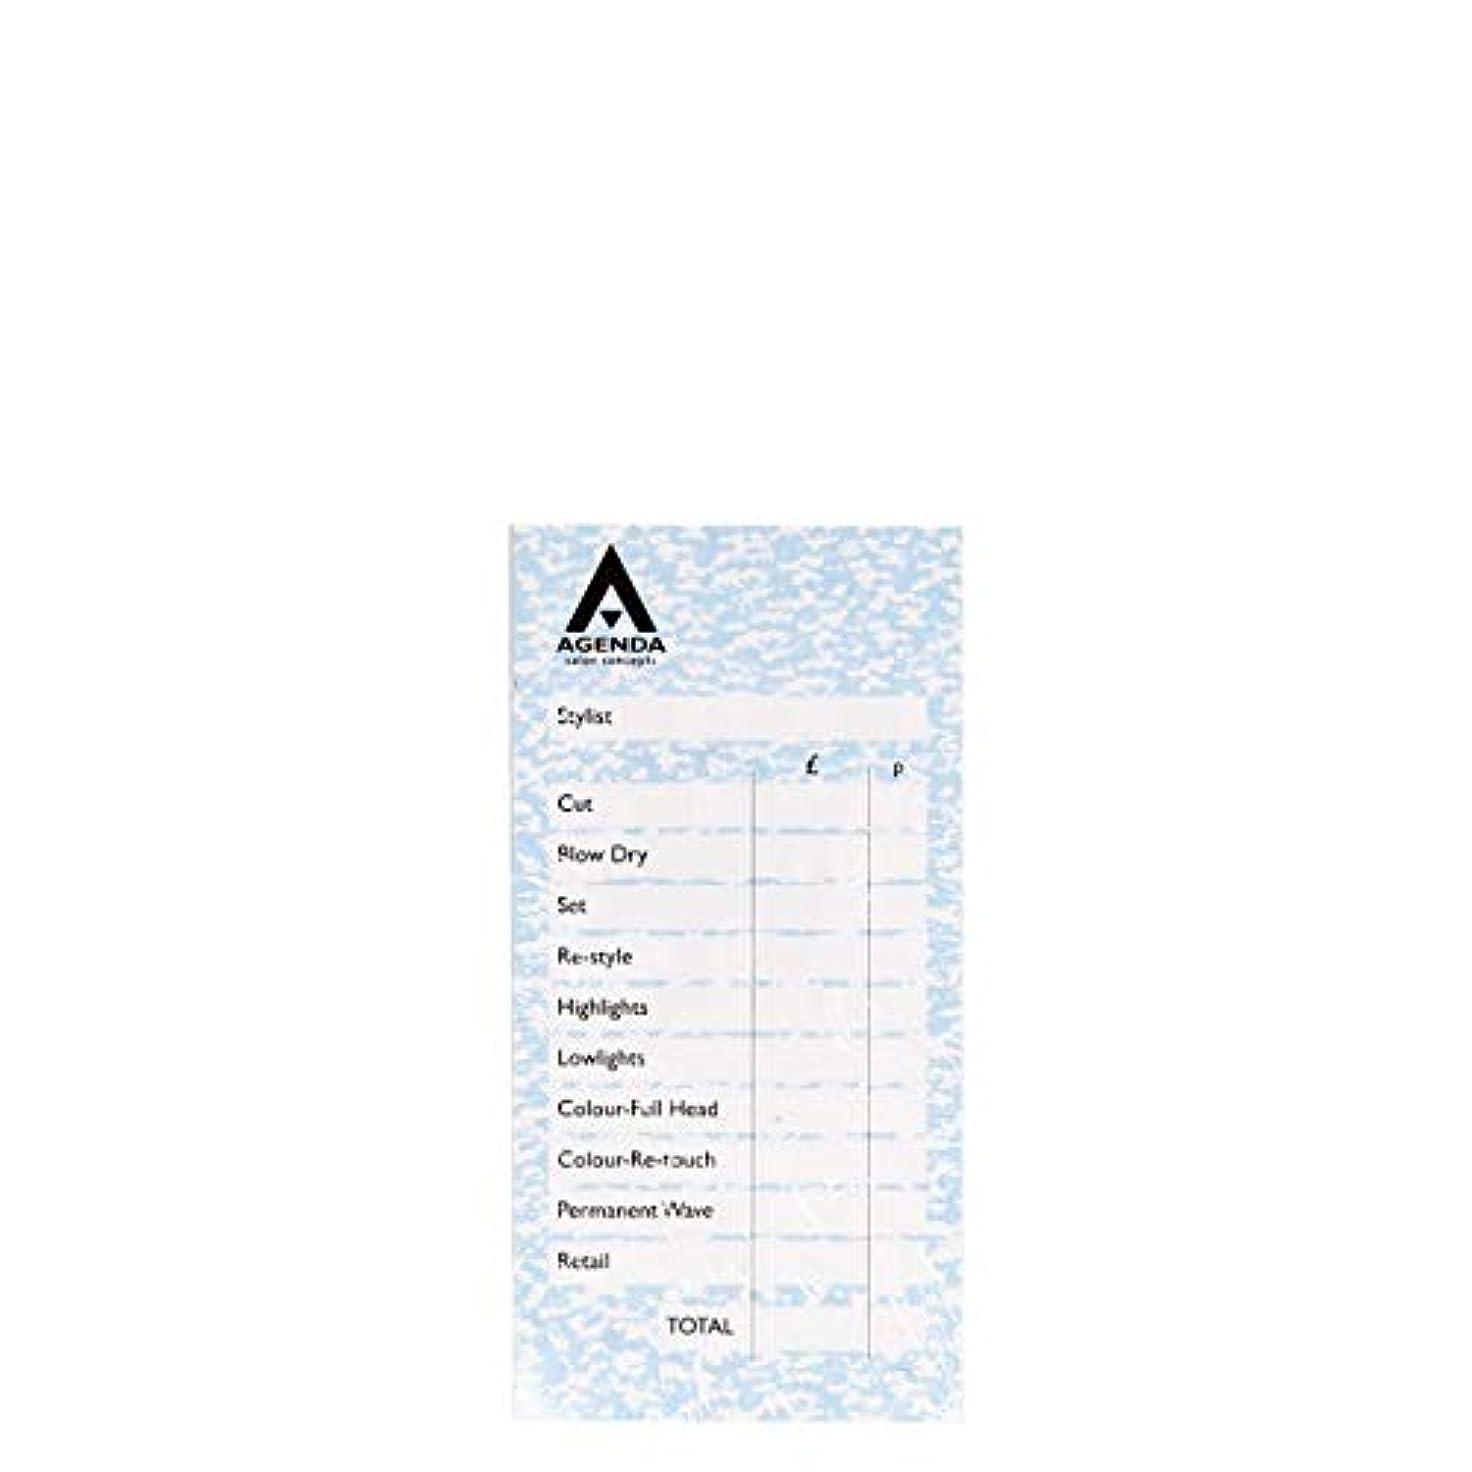 爆発みすぼらしい仕立て屋アジェンダ サロンコンセプト チェックパッドブルー6x100リーフ[海外直送品] [並行輸入品]